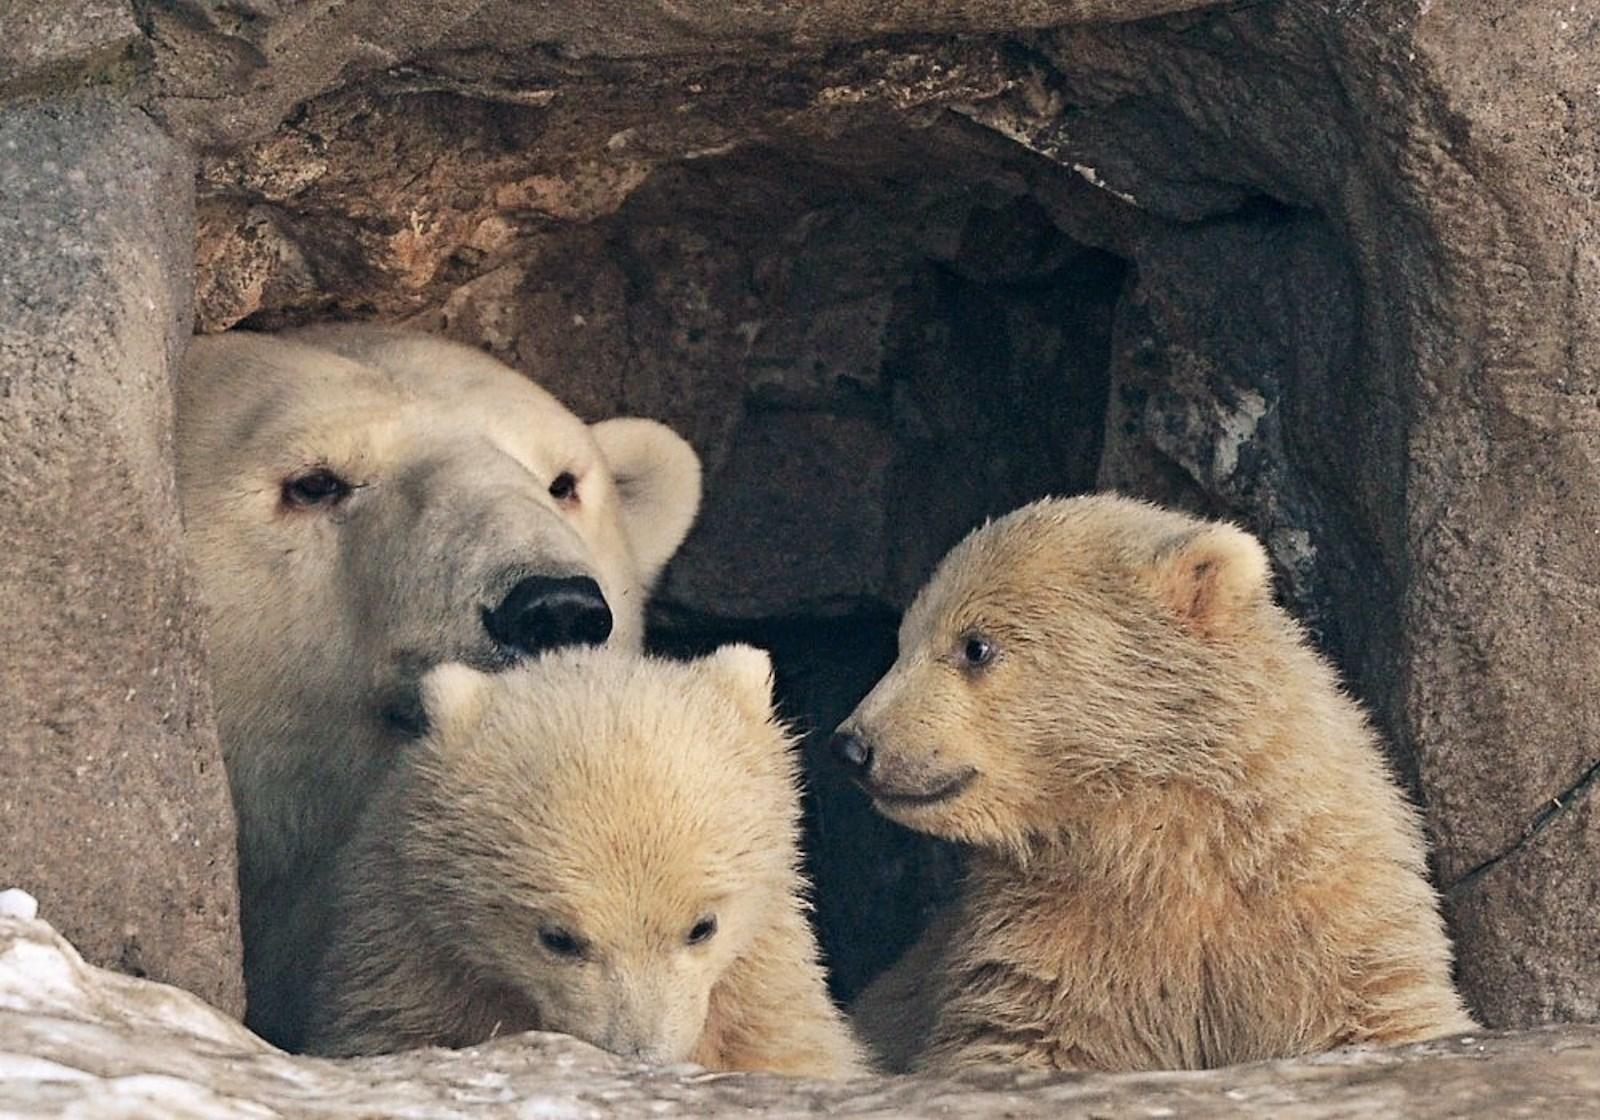 00 Polar bear cubs. Moscow Zoopark 01. Russia. 26.02.15